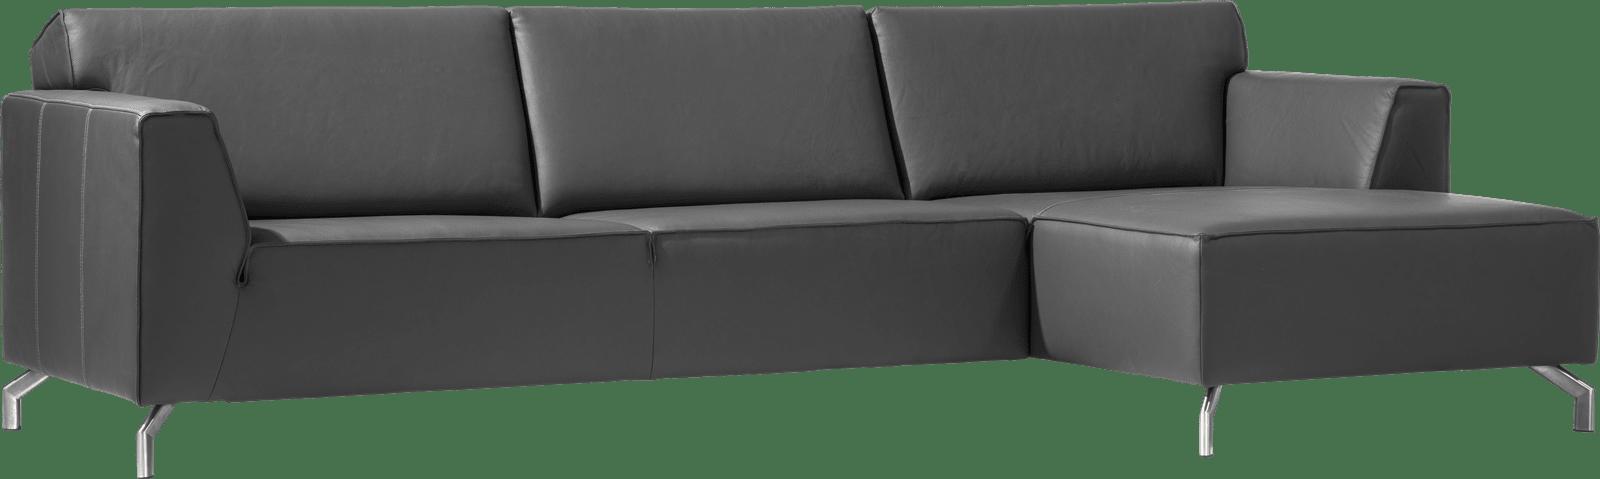 Henders & Hazel - Novara - Moderne - Canapés - 3-places + m ridienne droit